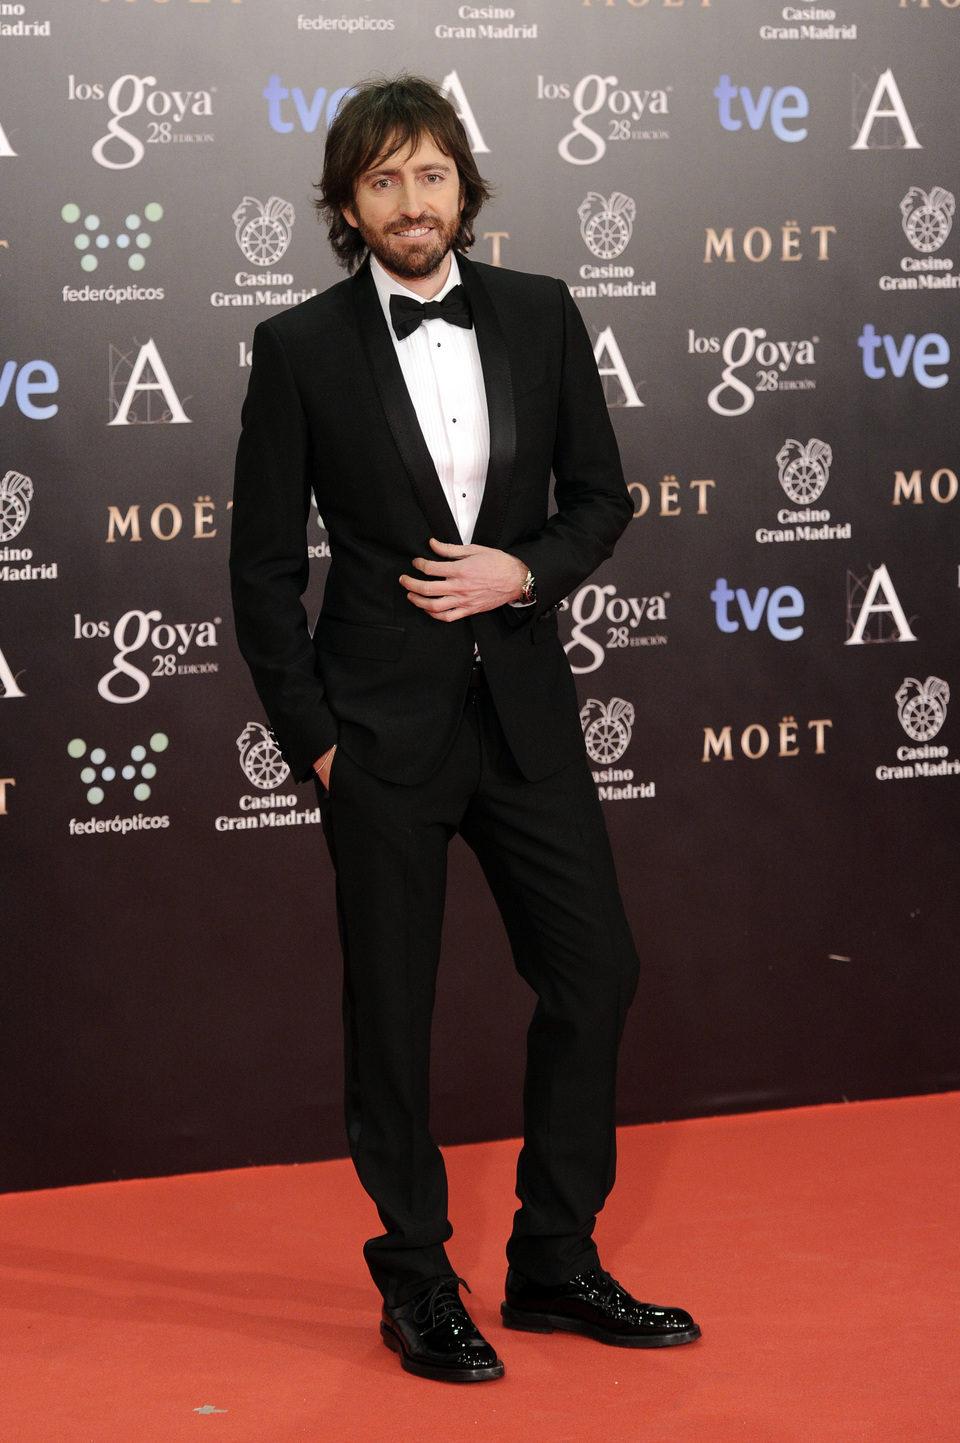 Daniel Sánchez Arévalo en la alfombra roja de los Goya 2014